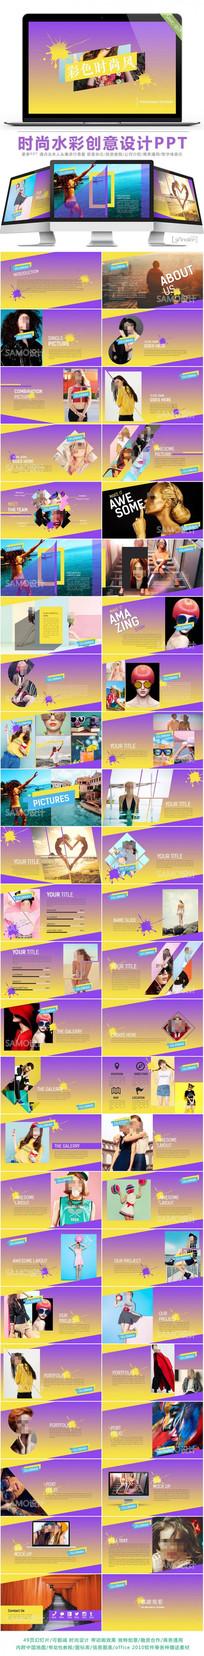 动感炫彩杂志旅游时尚品牌宣传ppt模板